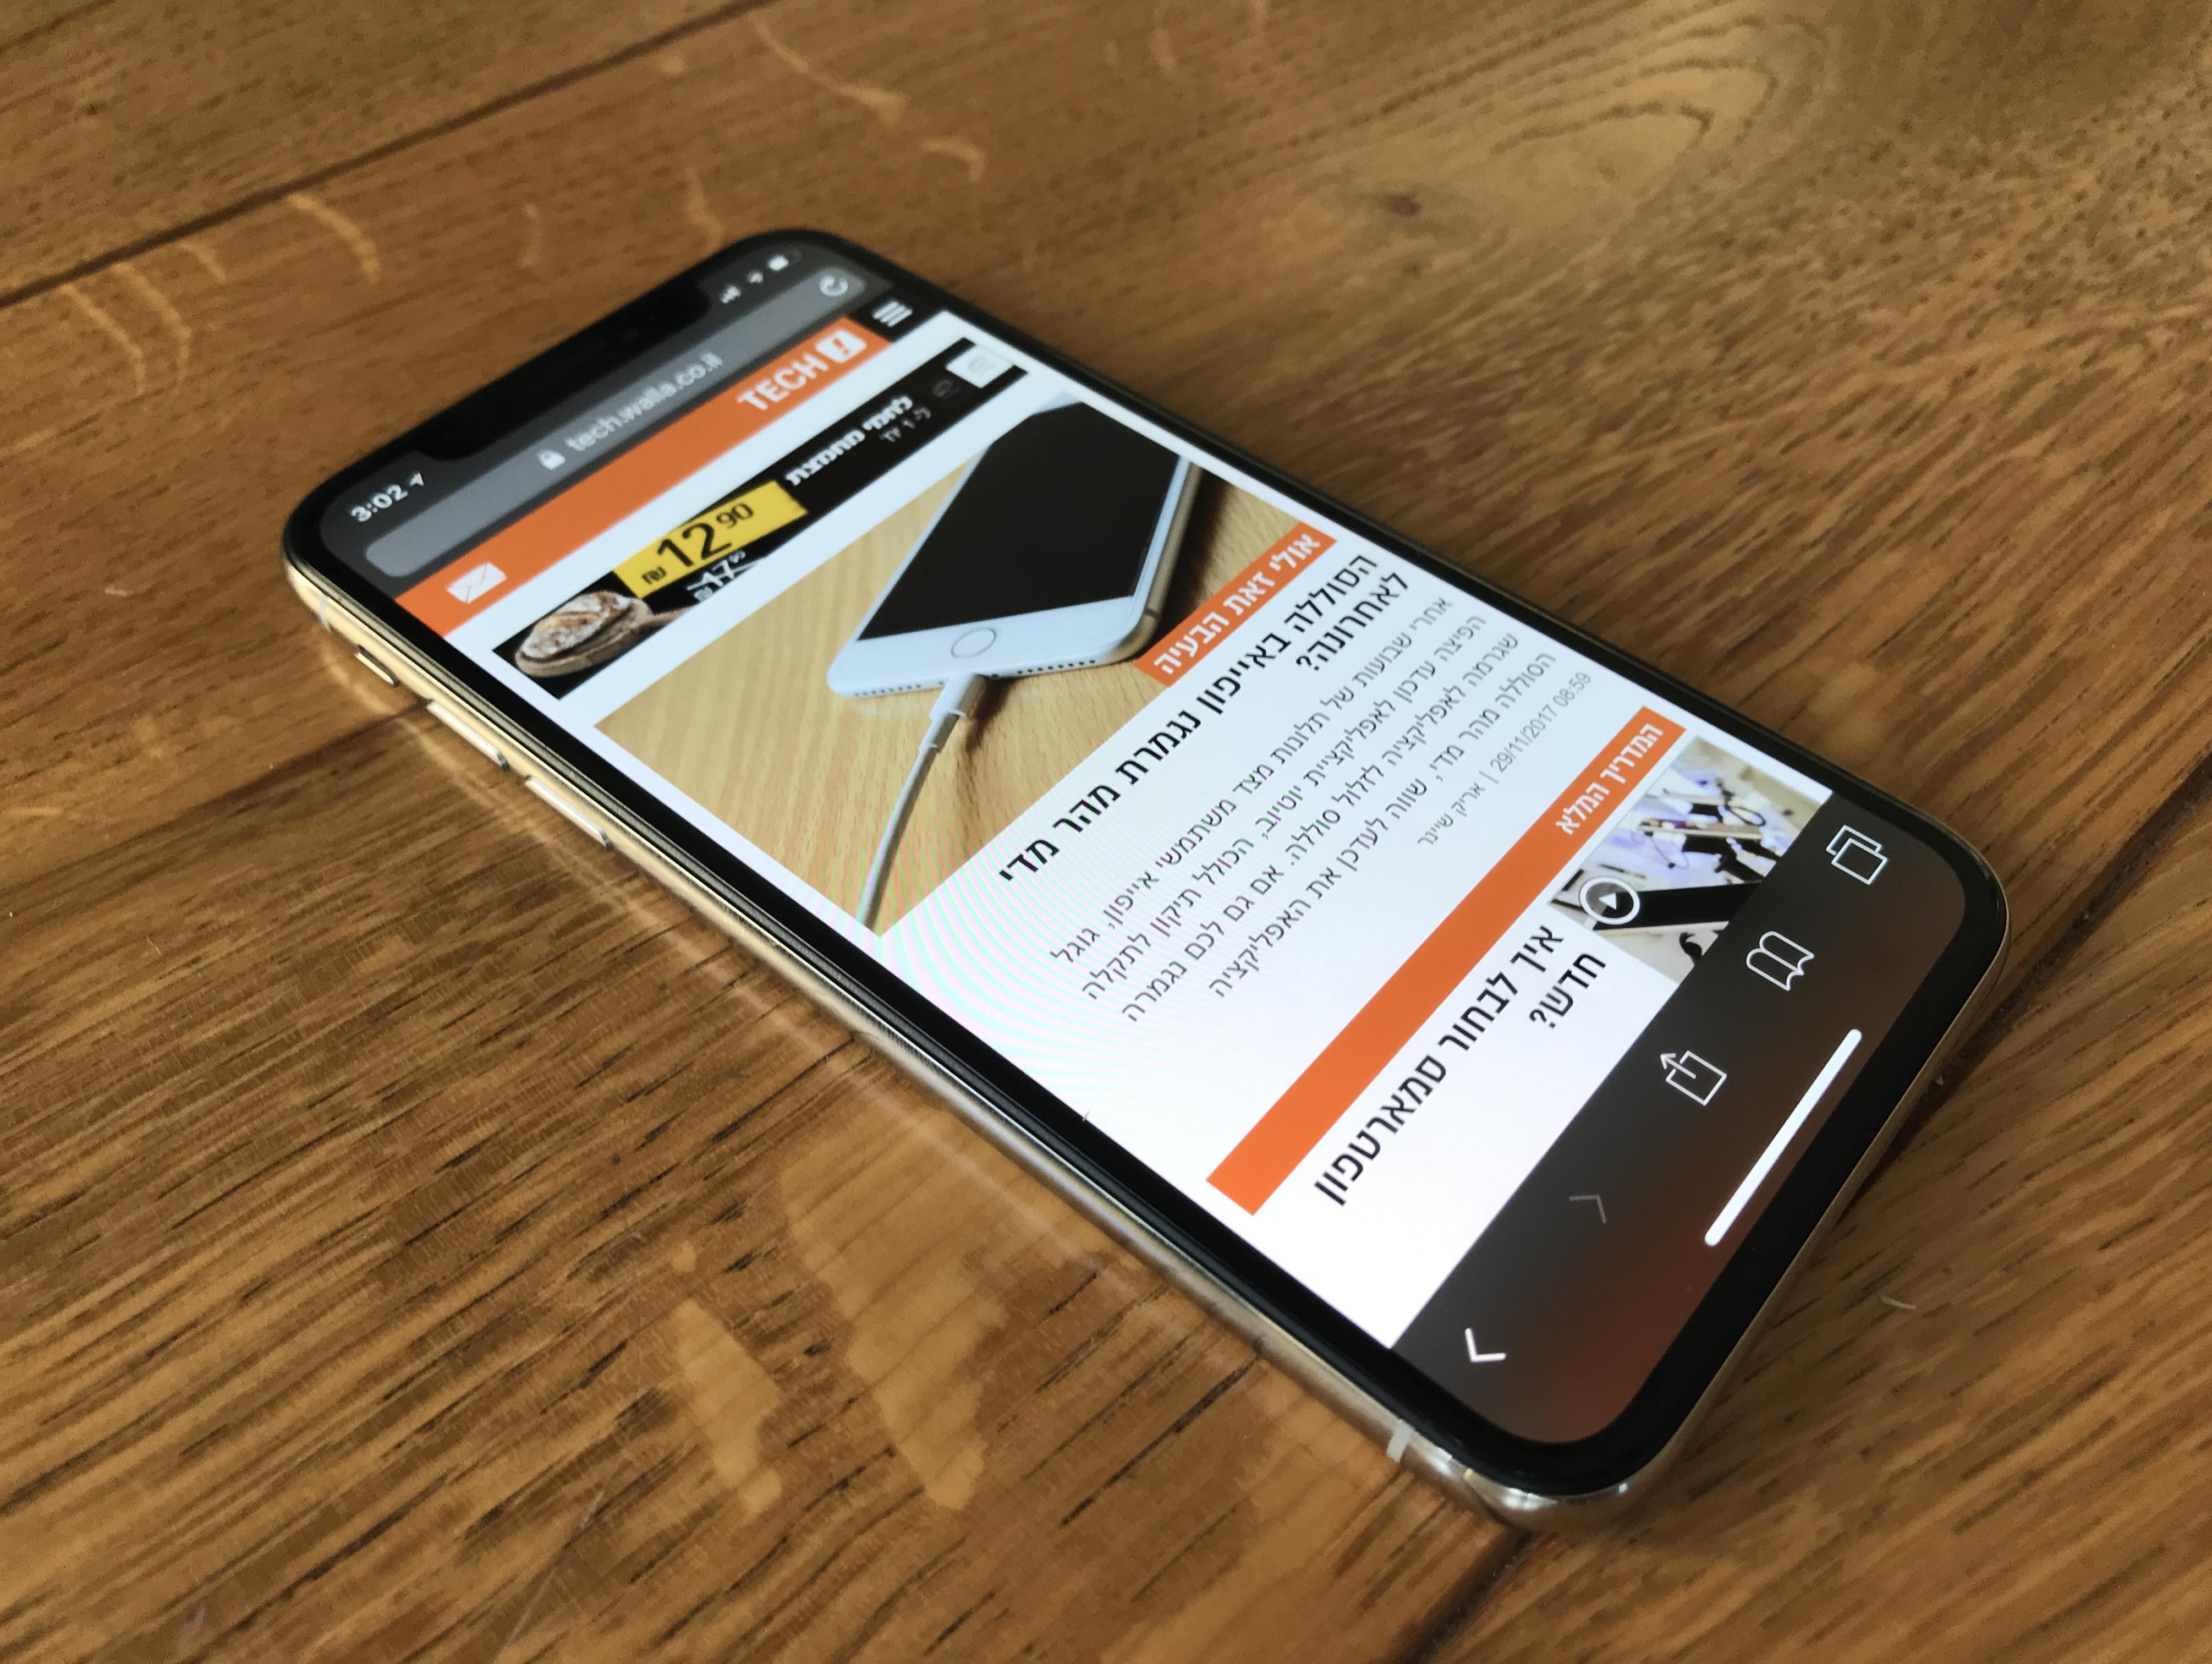 יורדים לאילת? בדקנו באיזו רשת הכי זול לקנות סמארטפון